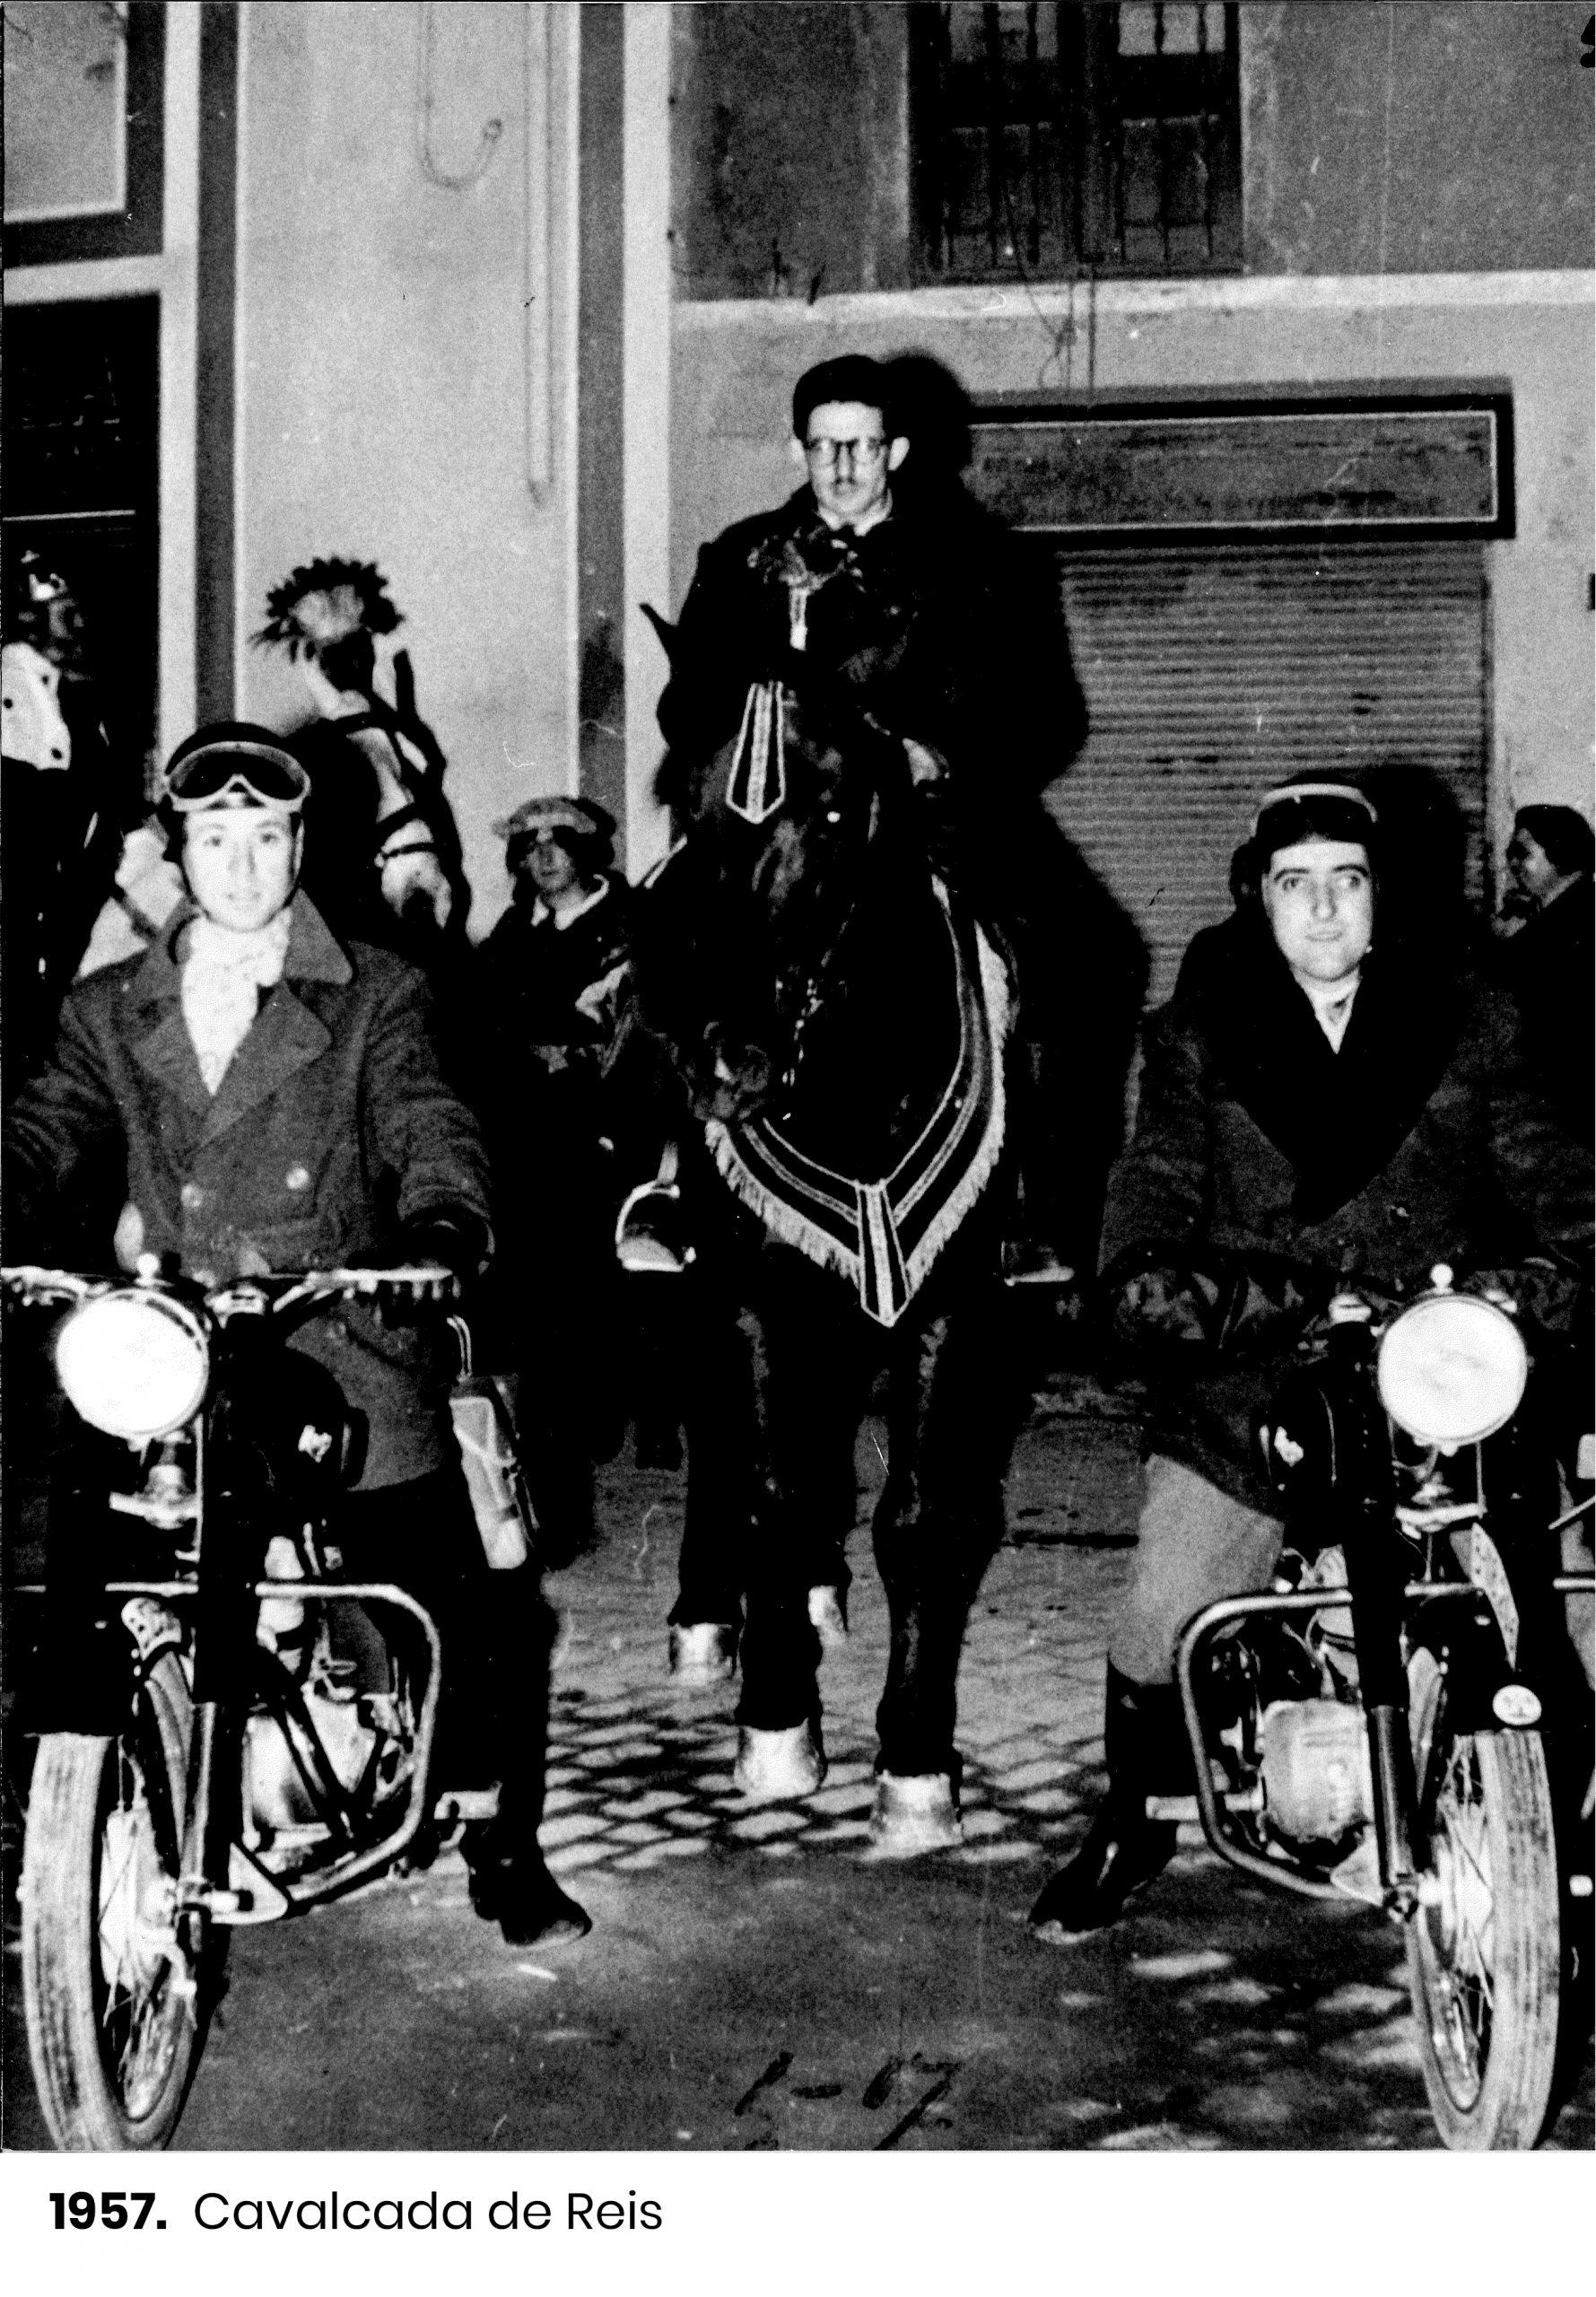 1957_Cavalcada reis